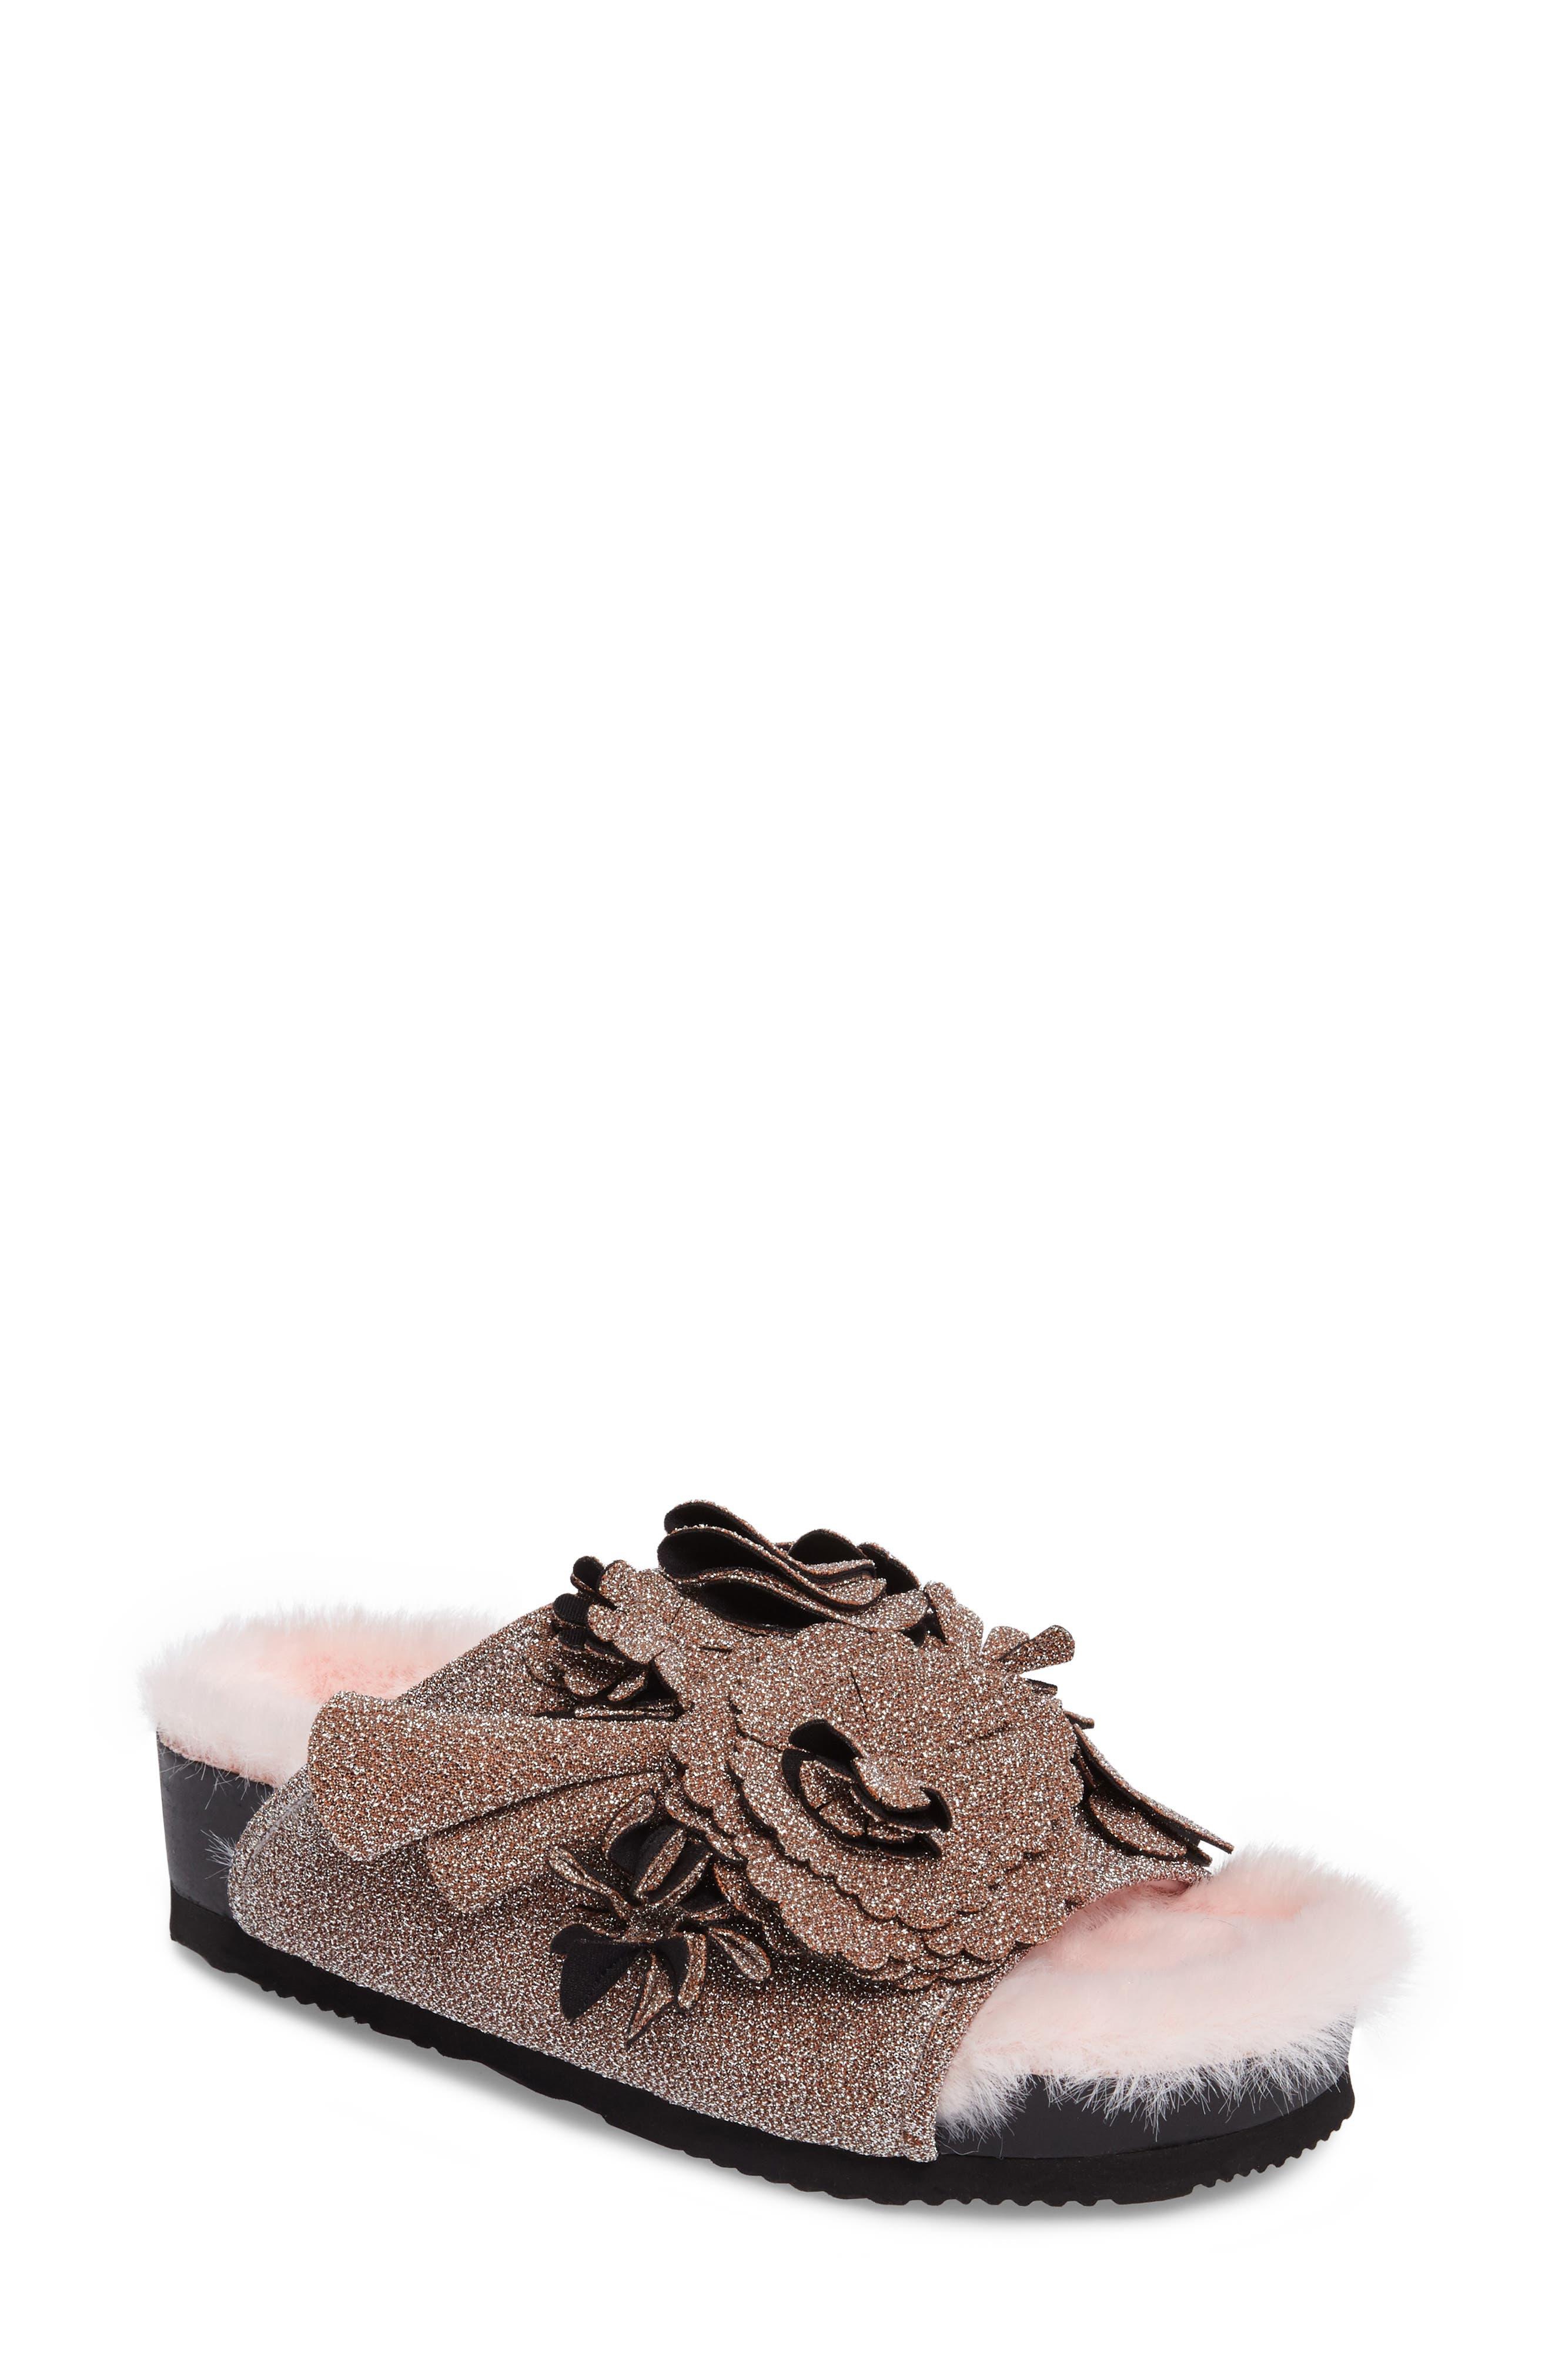 SUECOMMA BONNIE Floral Slide Sandal (Women)